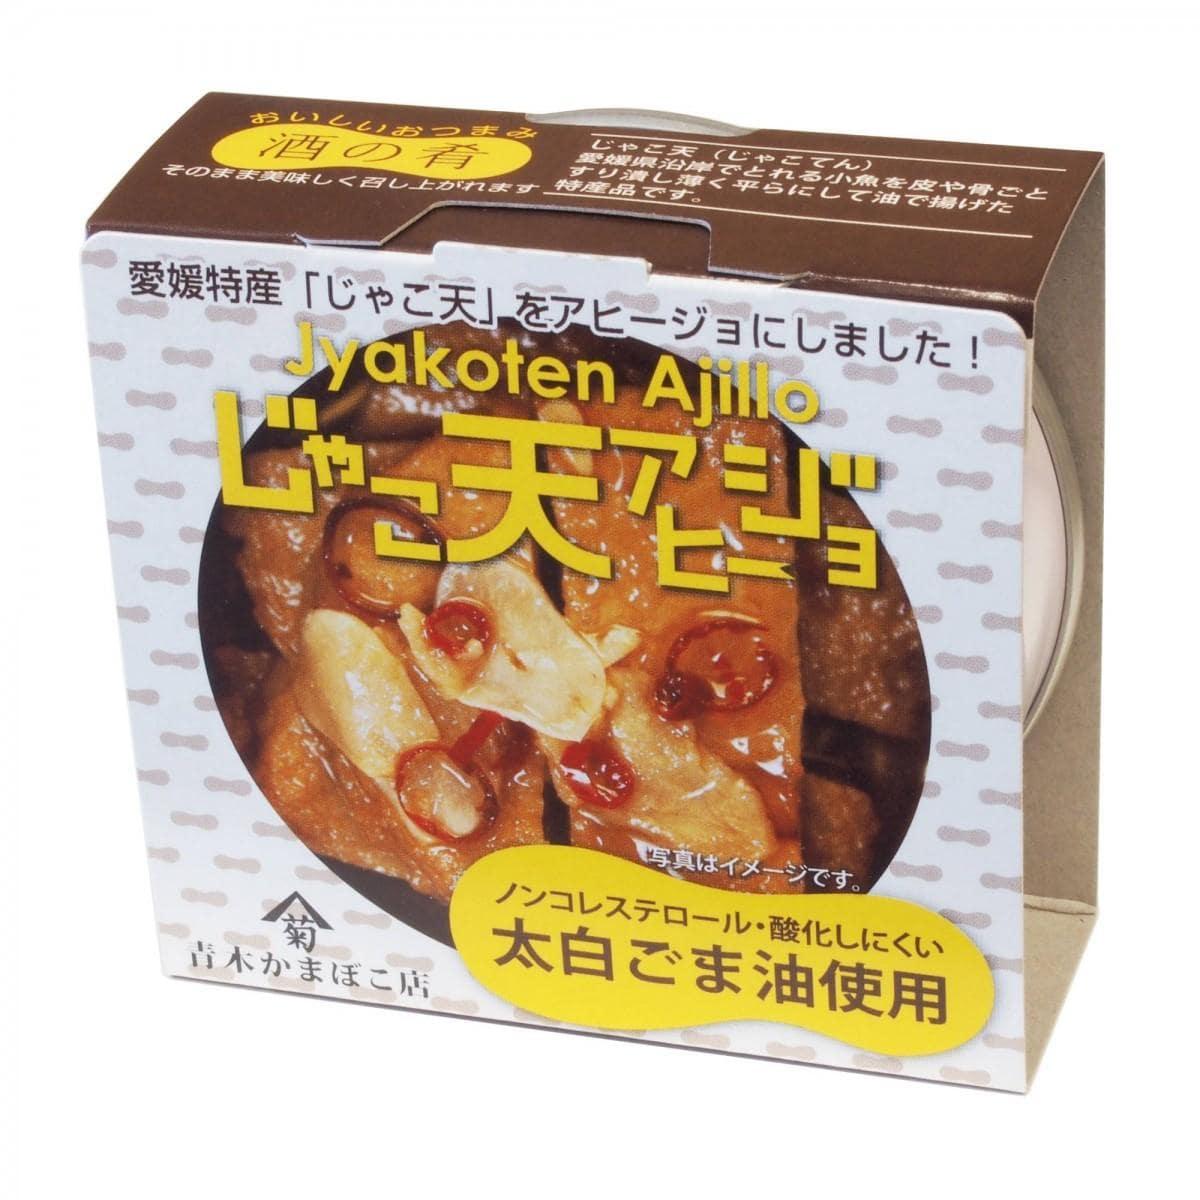 「じゃこ天アヒージョ」缶 日本一小さな缶詰工場が商品開発